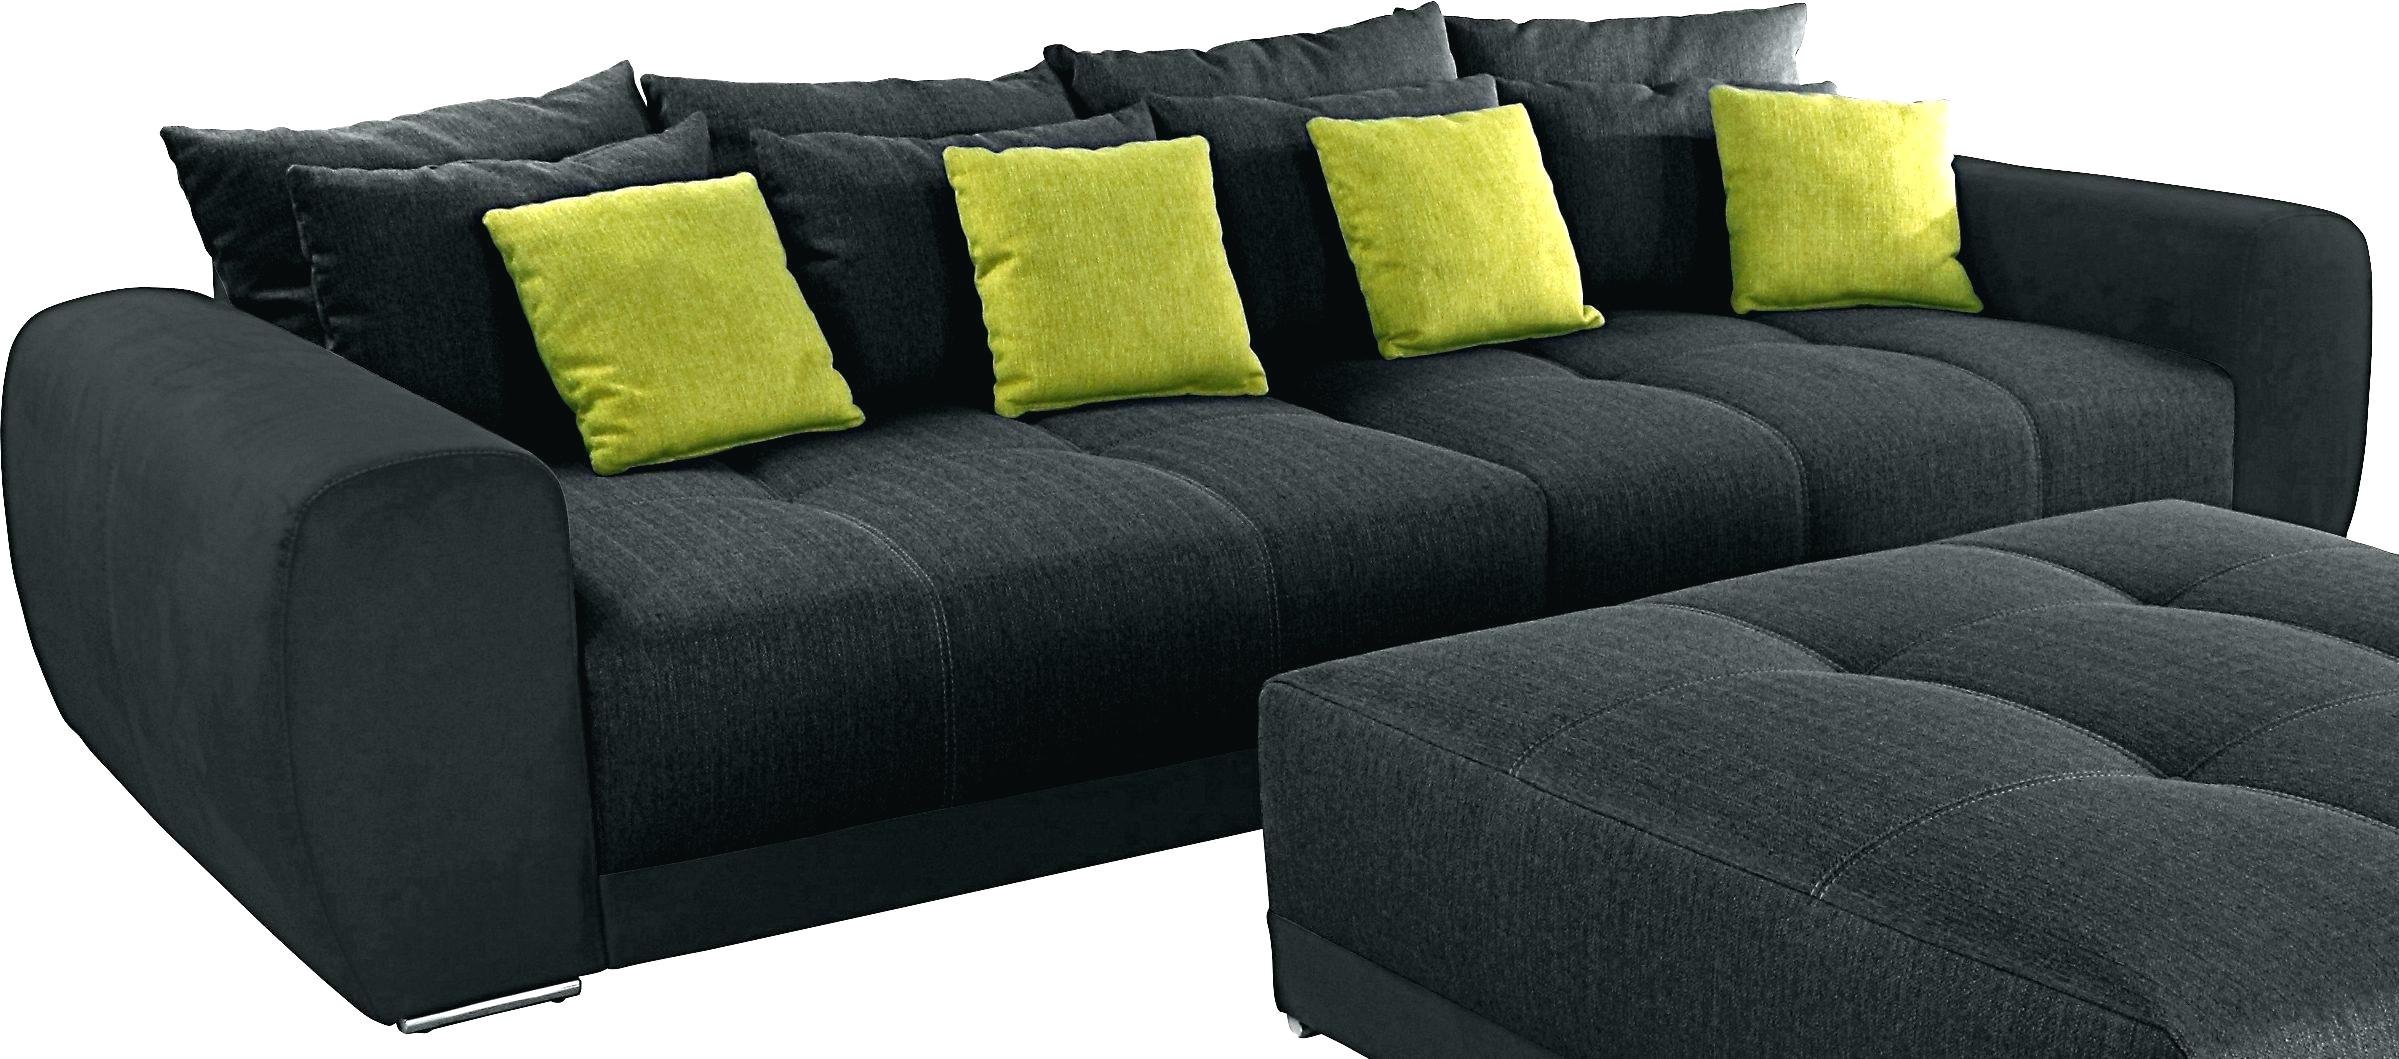 Garten Eden Dietzenbach  Schlafsofa Otto Free Otto Versand Couch Luxury Top